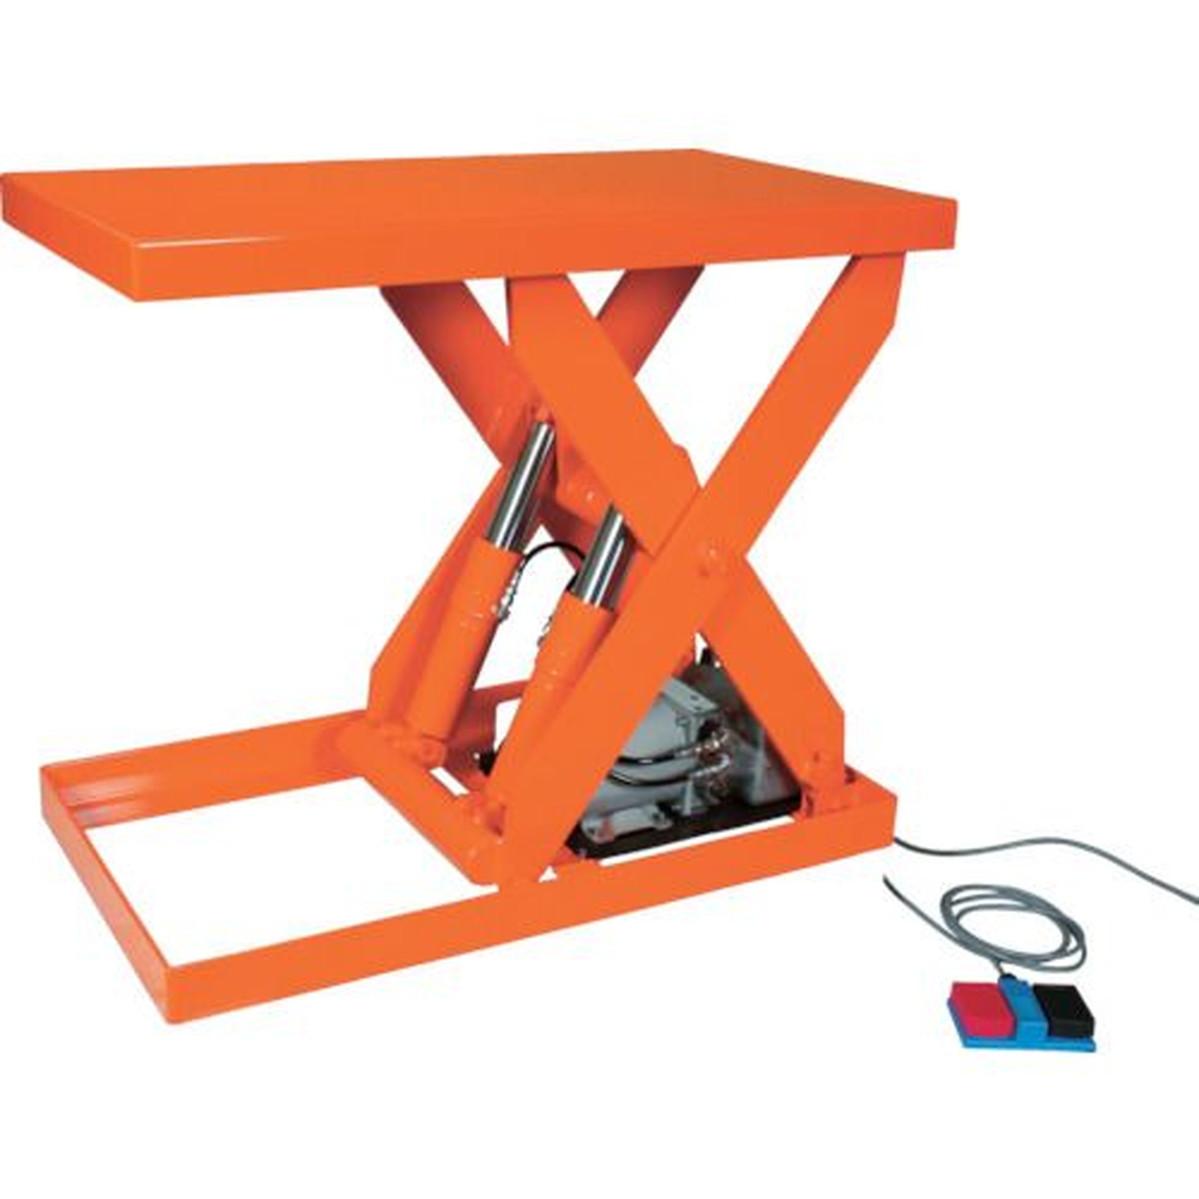 値頃 TRUSCO 1台 テーブルリフト500kg 油圧式 900X900 1台, Rats Design Room:3a7eb0de --- agrohub.redlab.site